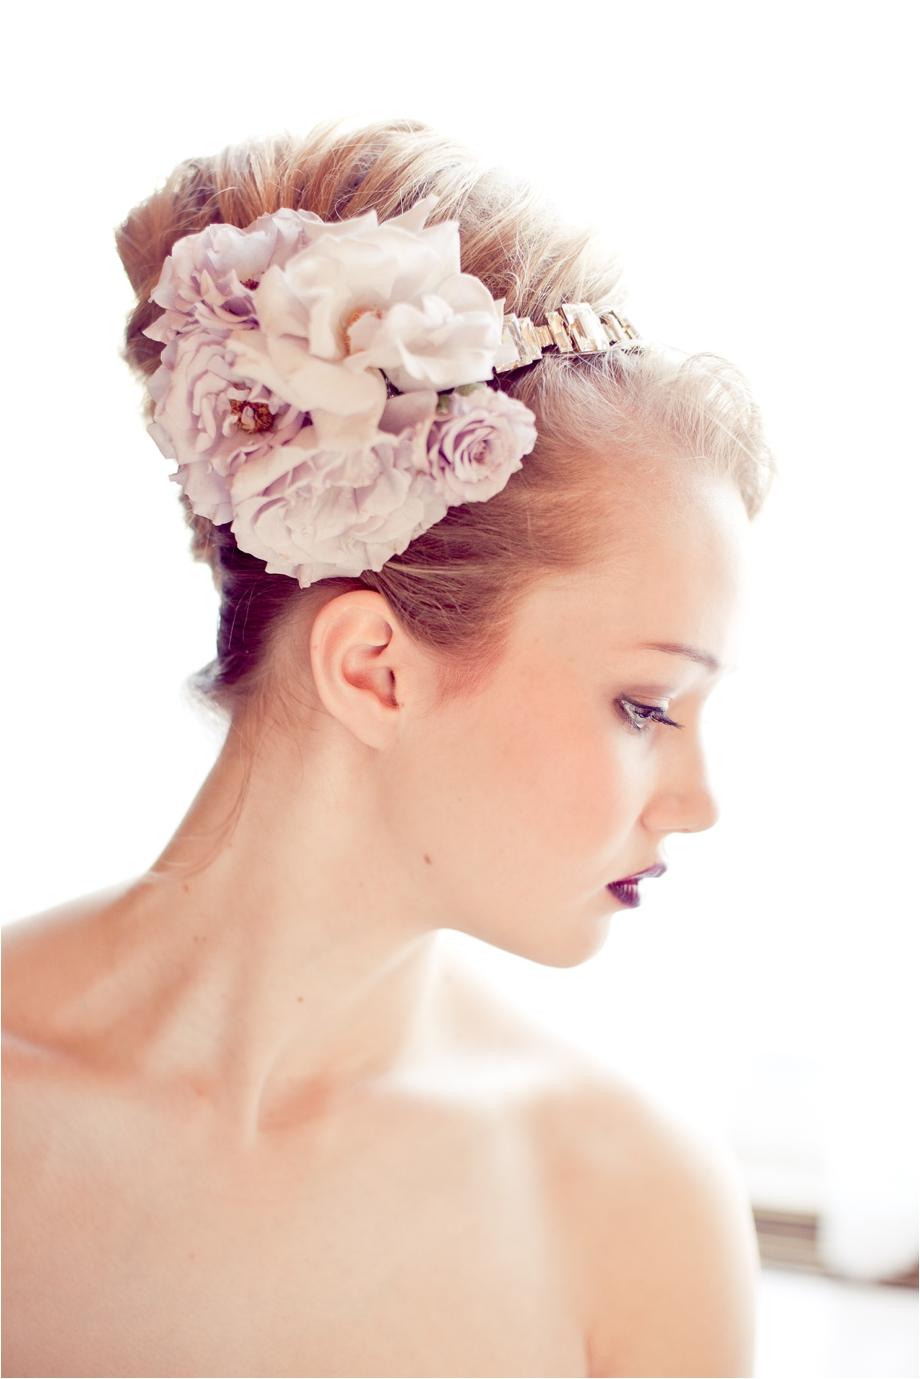 102_eddie-judd-photography-miss-bush-bridal-debutantes__FB